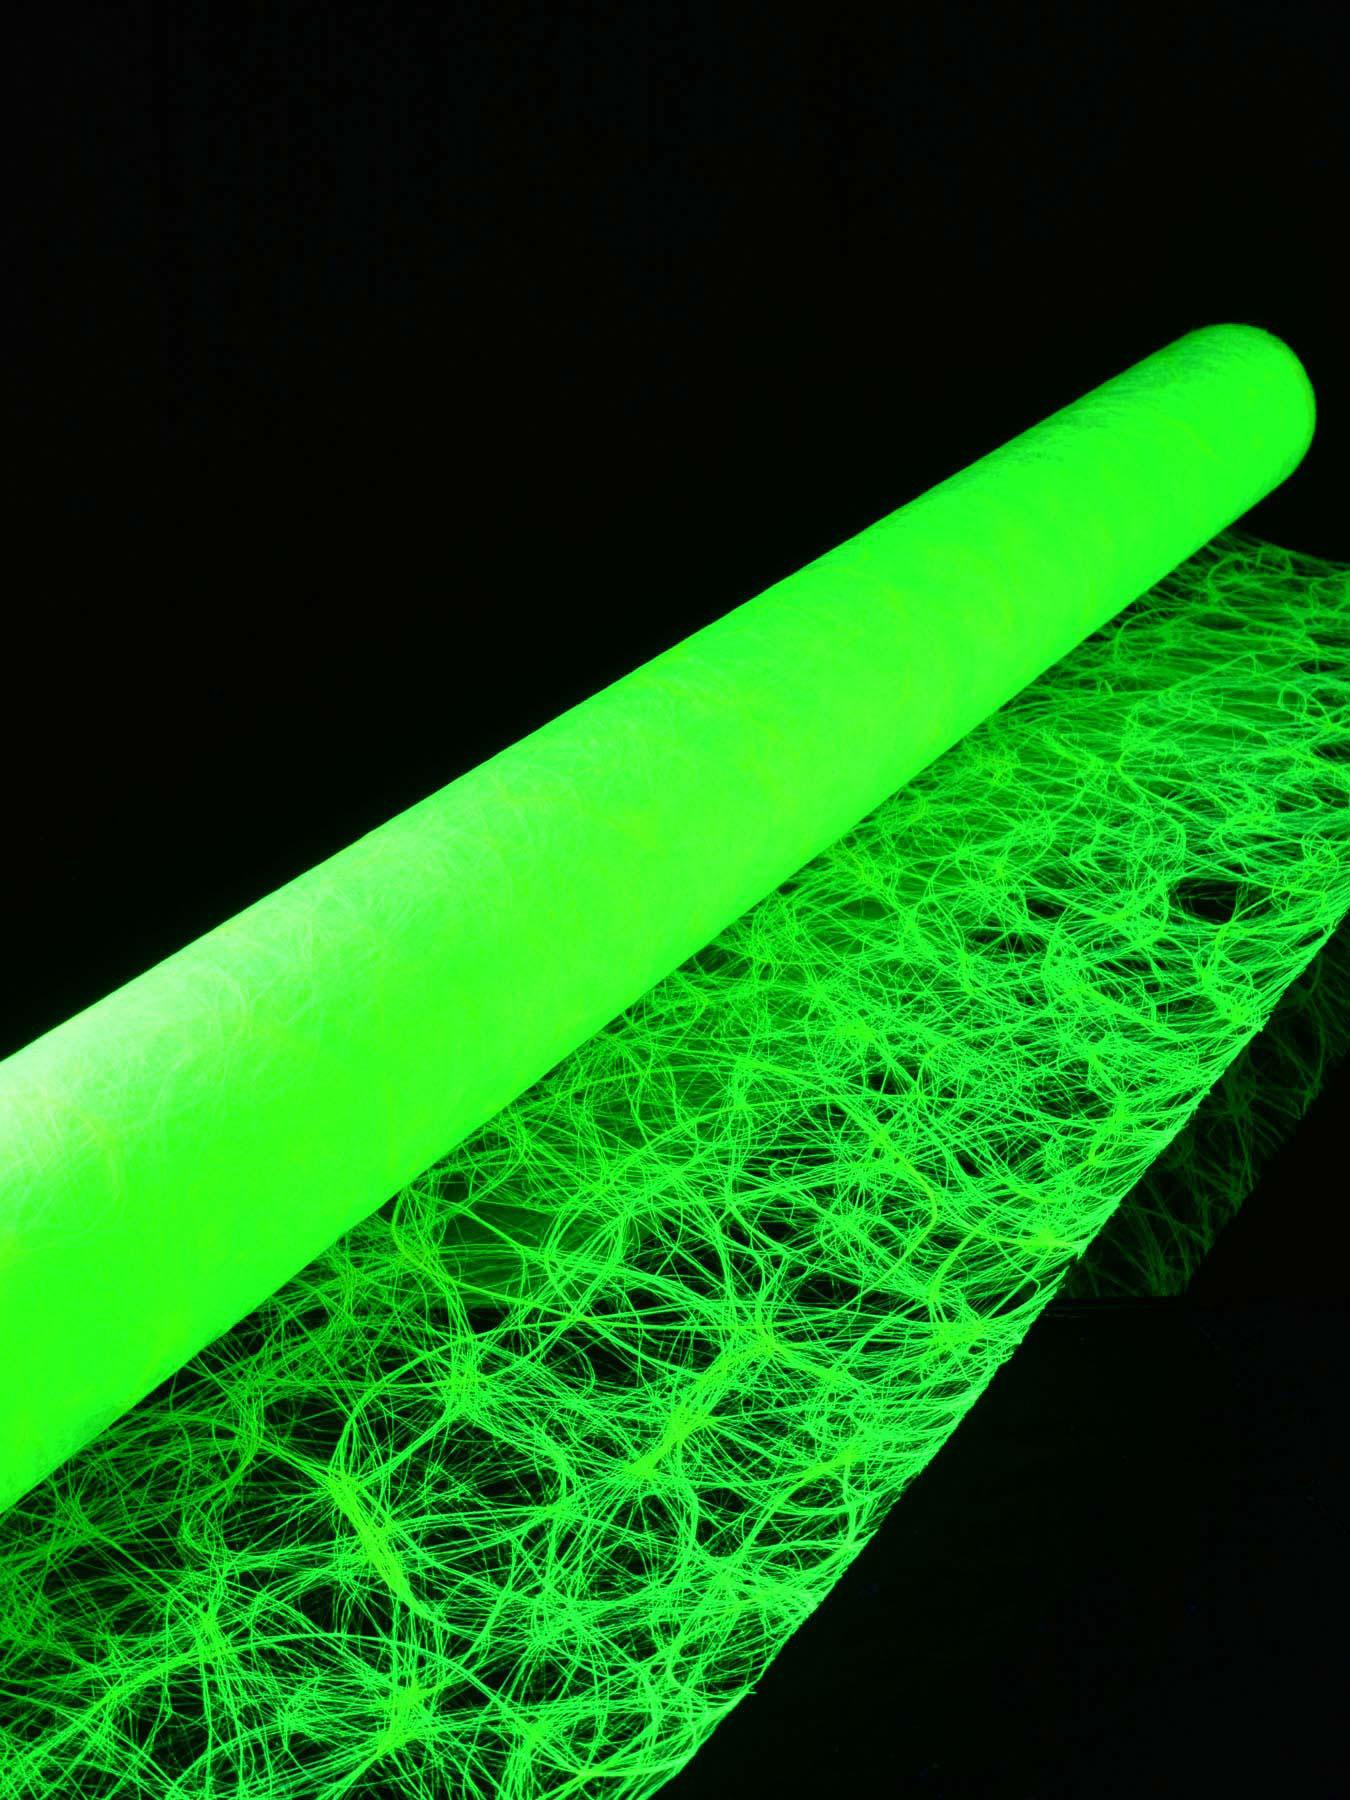 1lfm Schwarzlicht Dekovlies Grob 120cm Neongelb